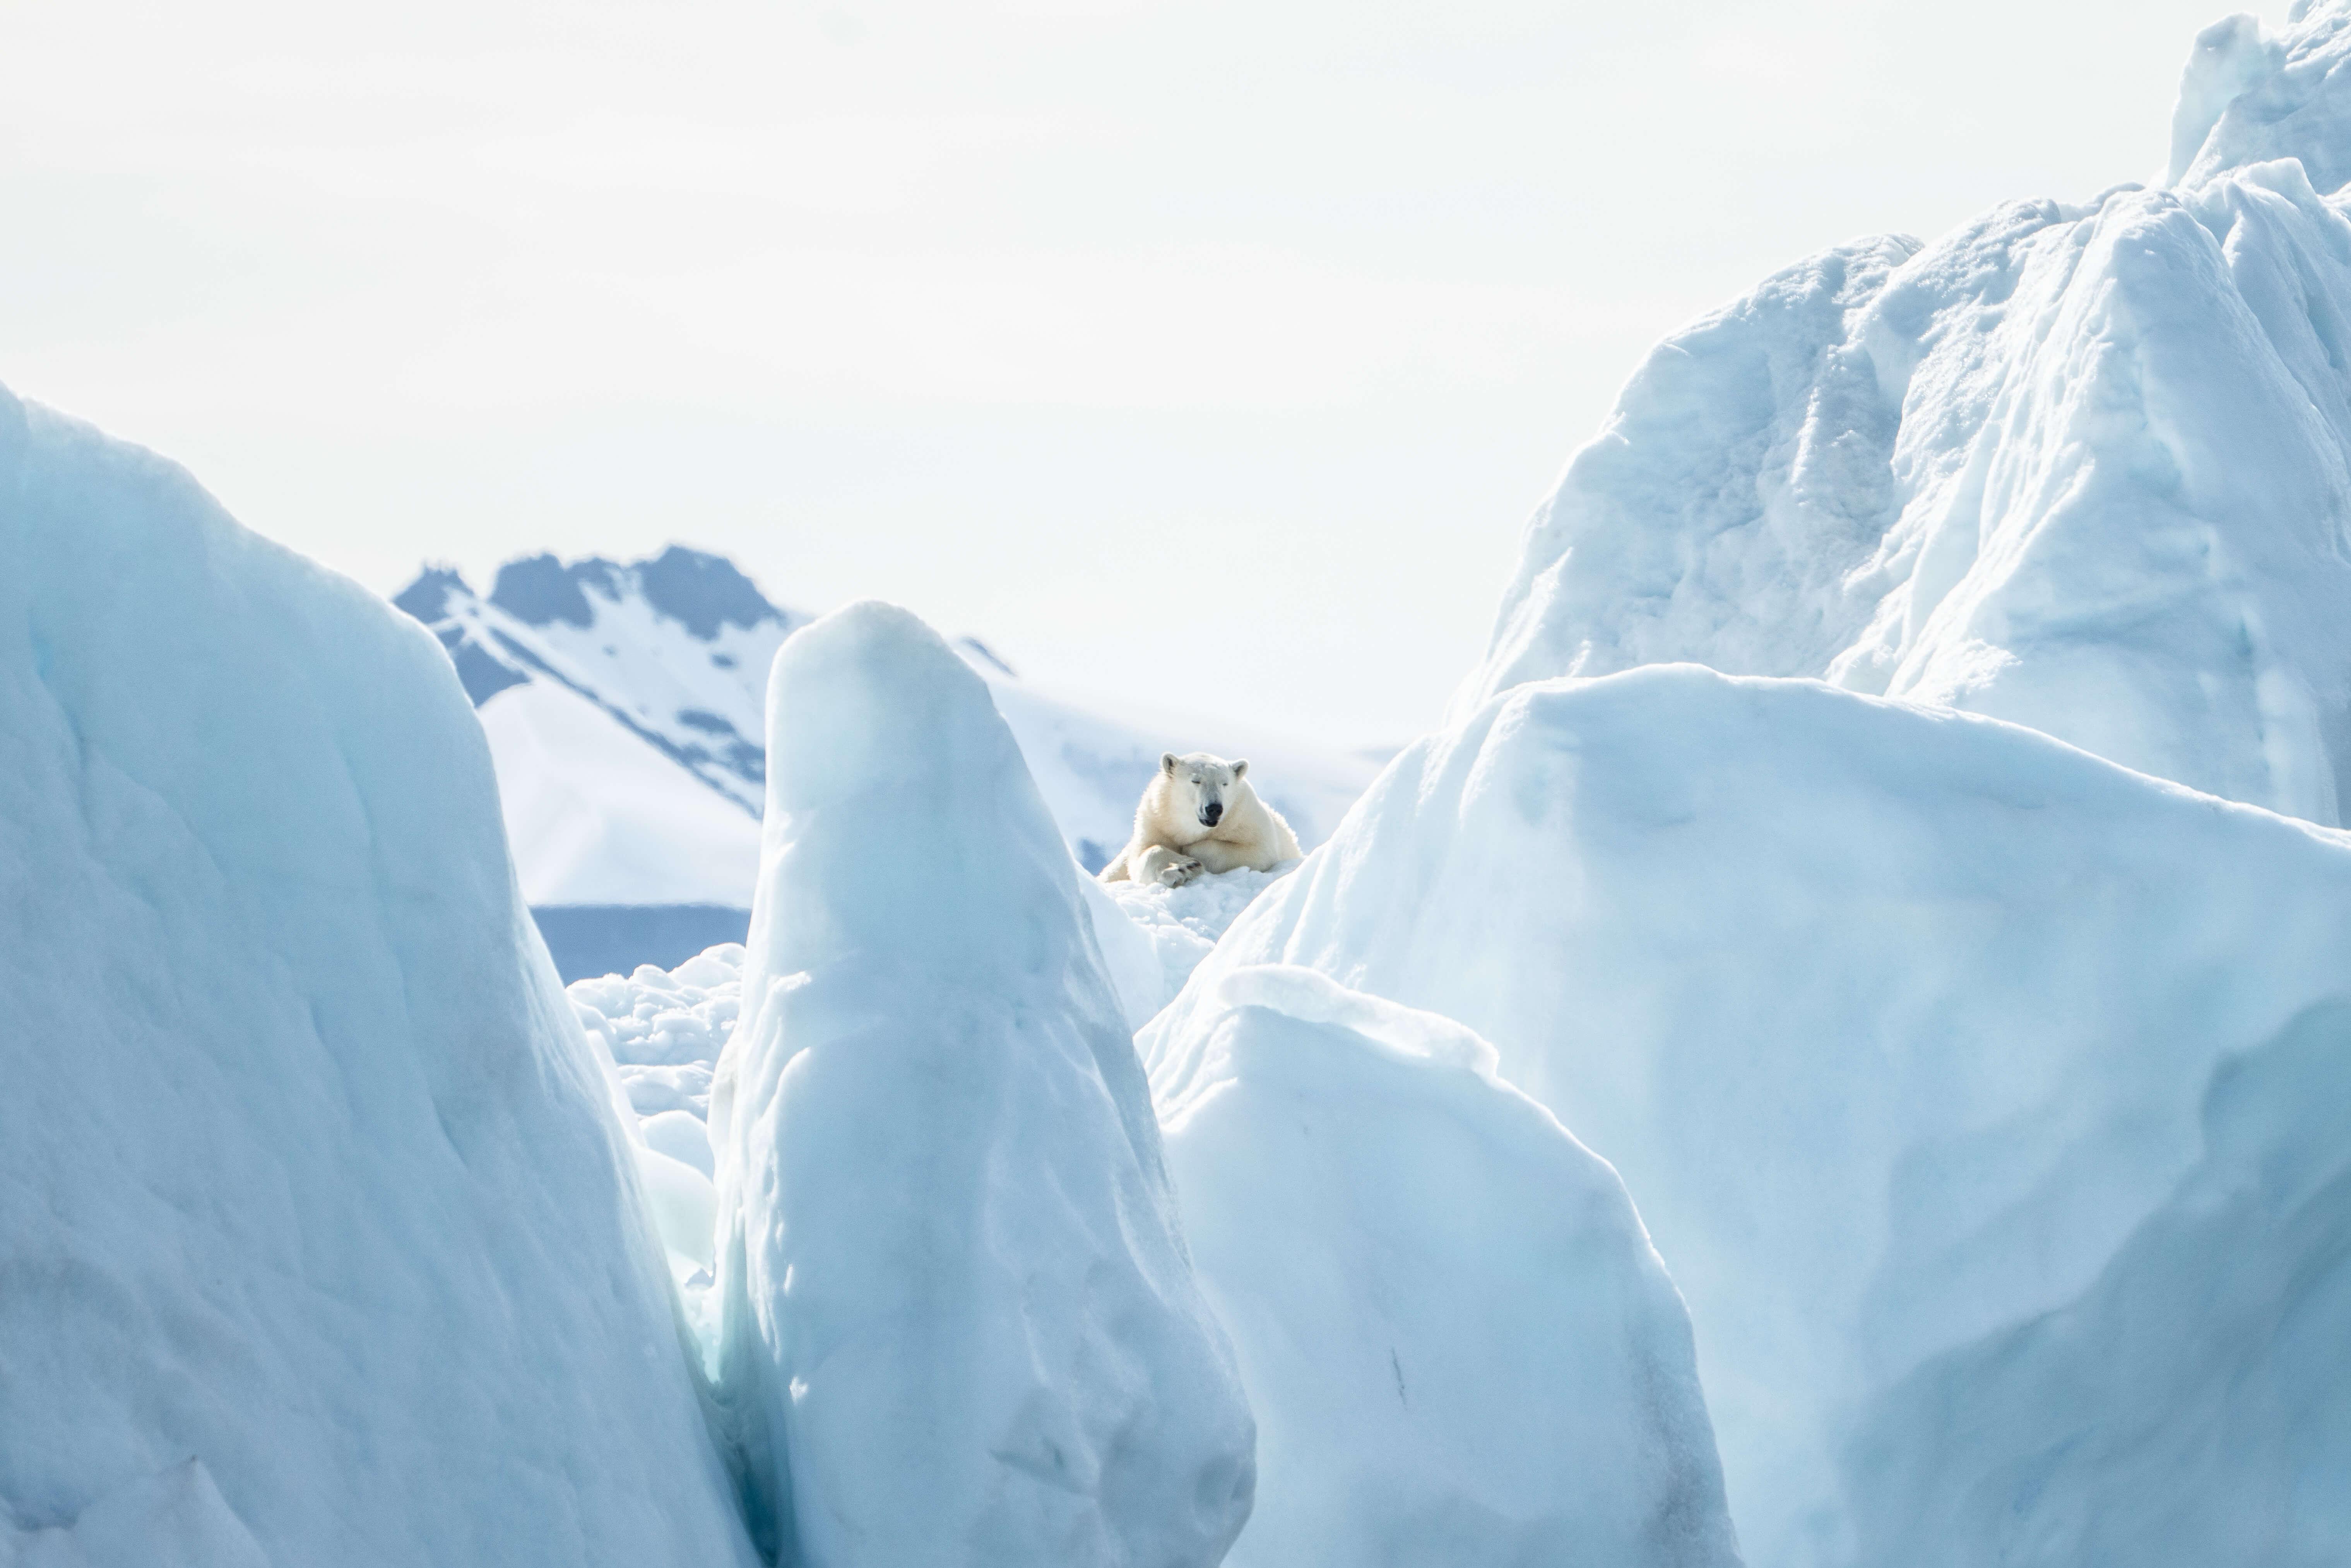 Dans la nature, les ours polaires passent la plupart de leur journée à voyager.